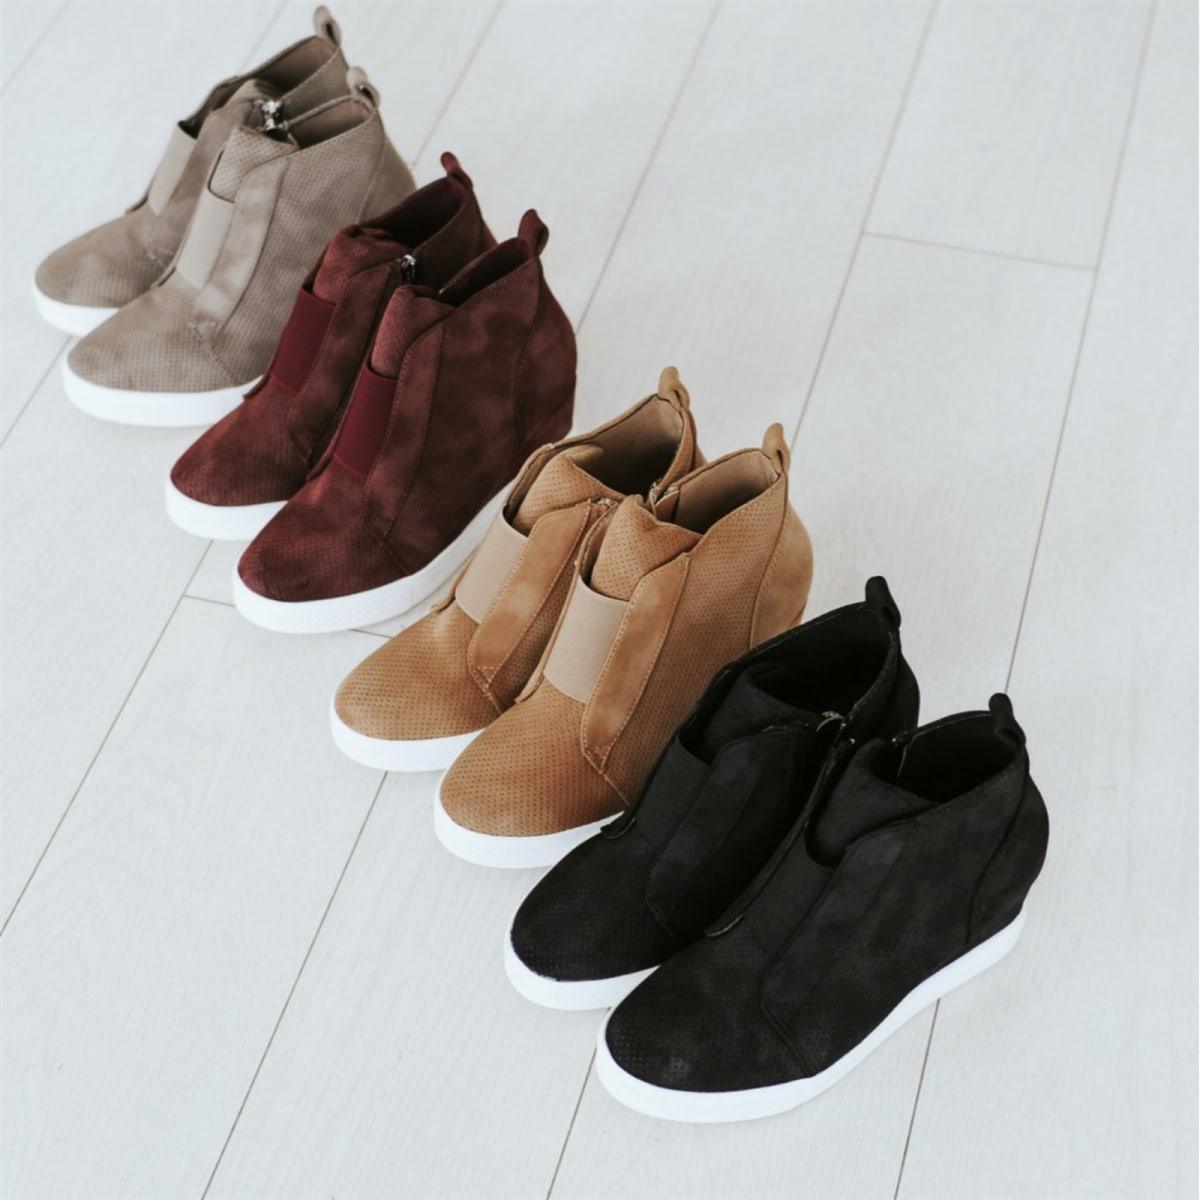 c3c4af40da Zoey Zipper Wedge Sneaker | 4 Colors! | Jane